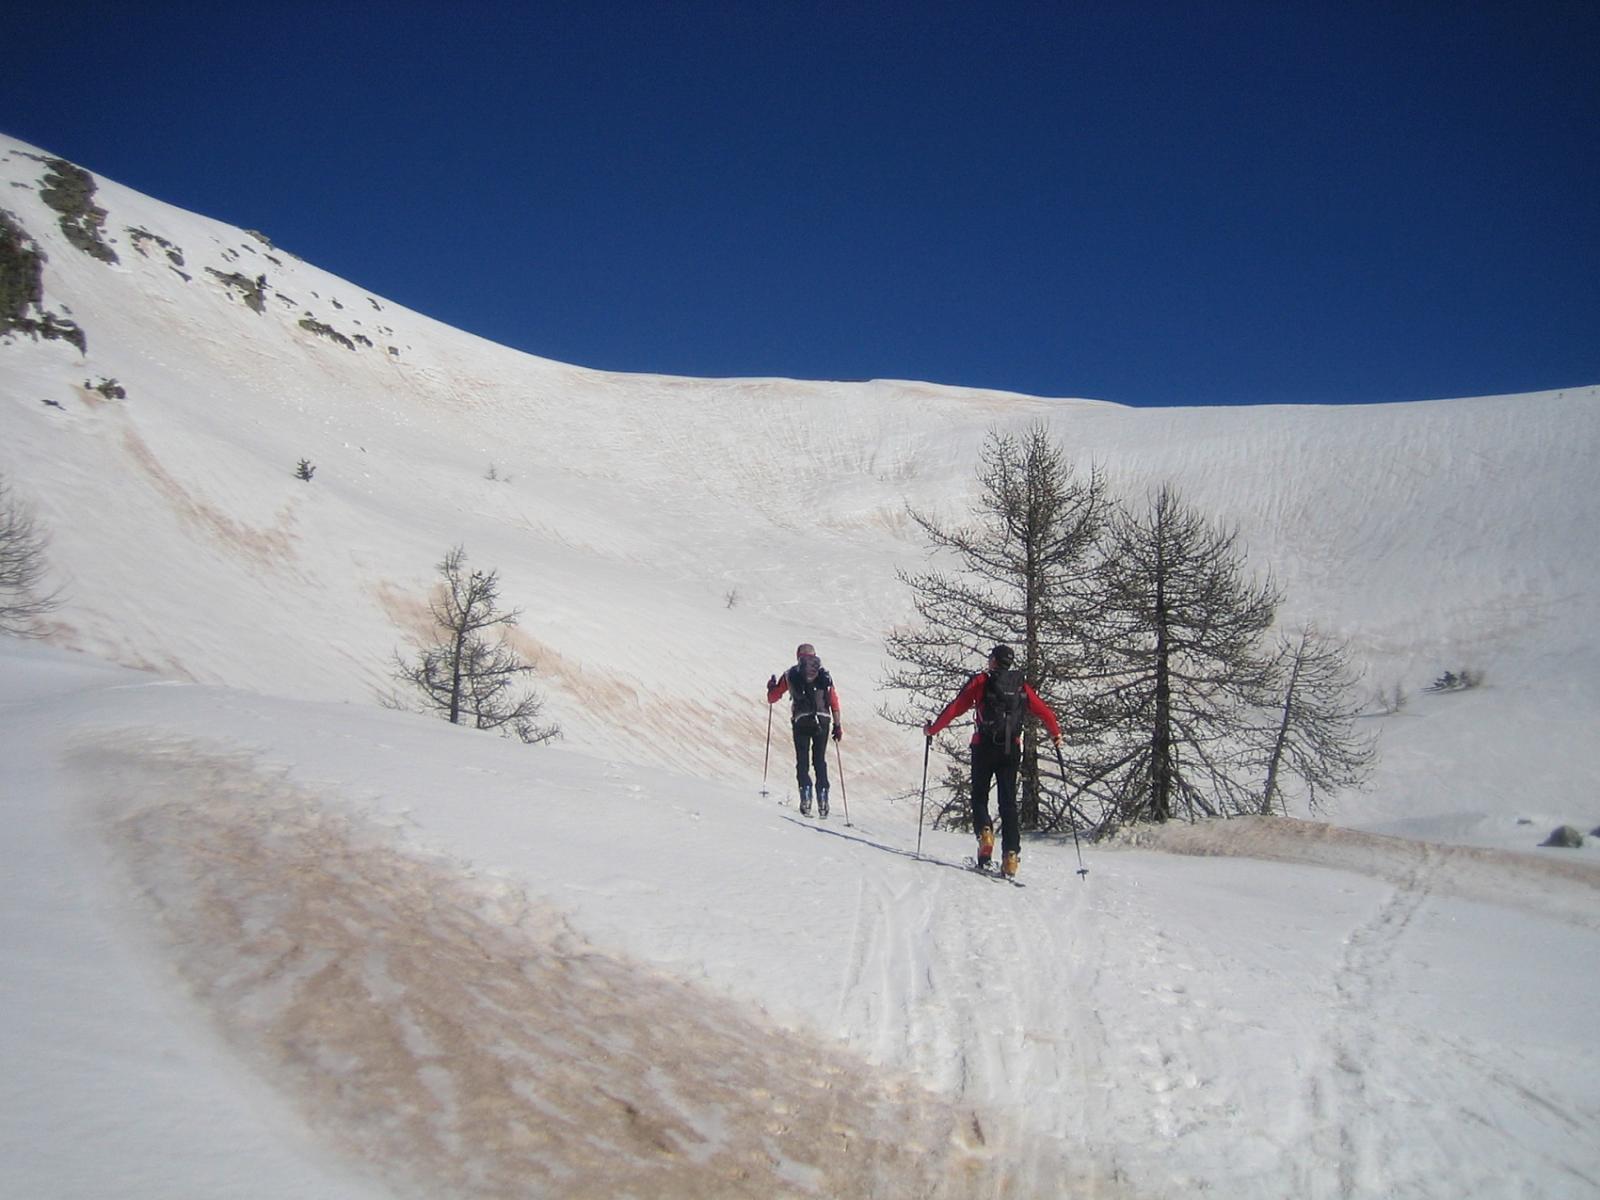 il pendio per raggiungere il Fort de Giaure  posto a 2254 m.